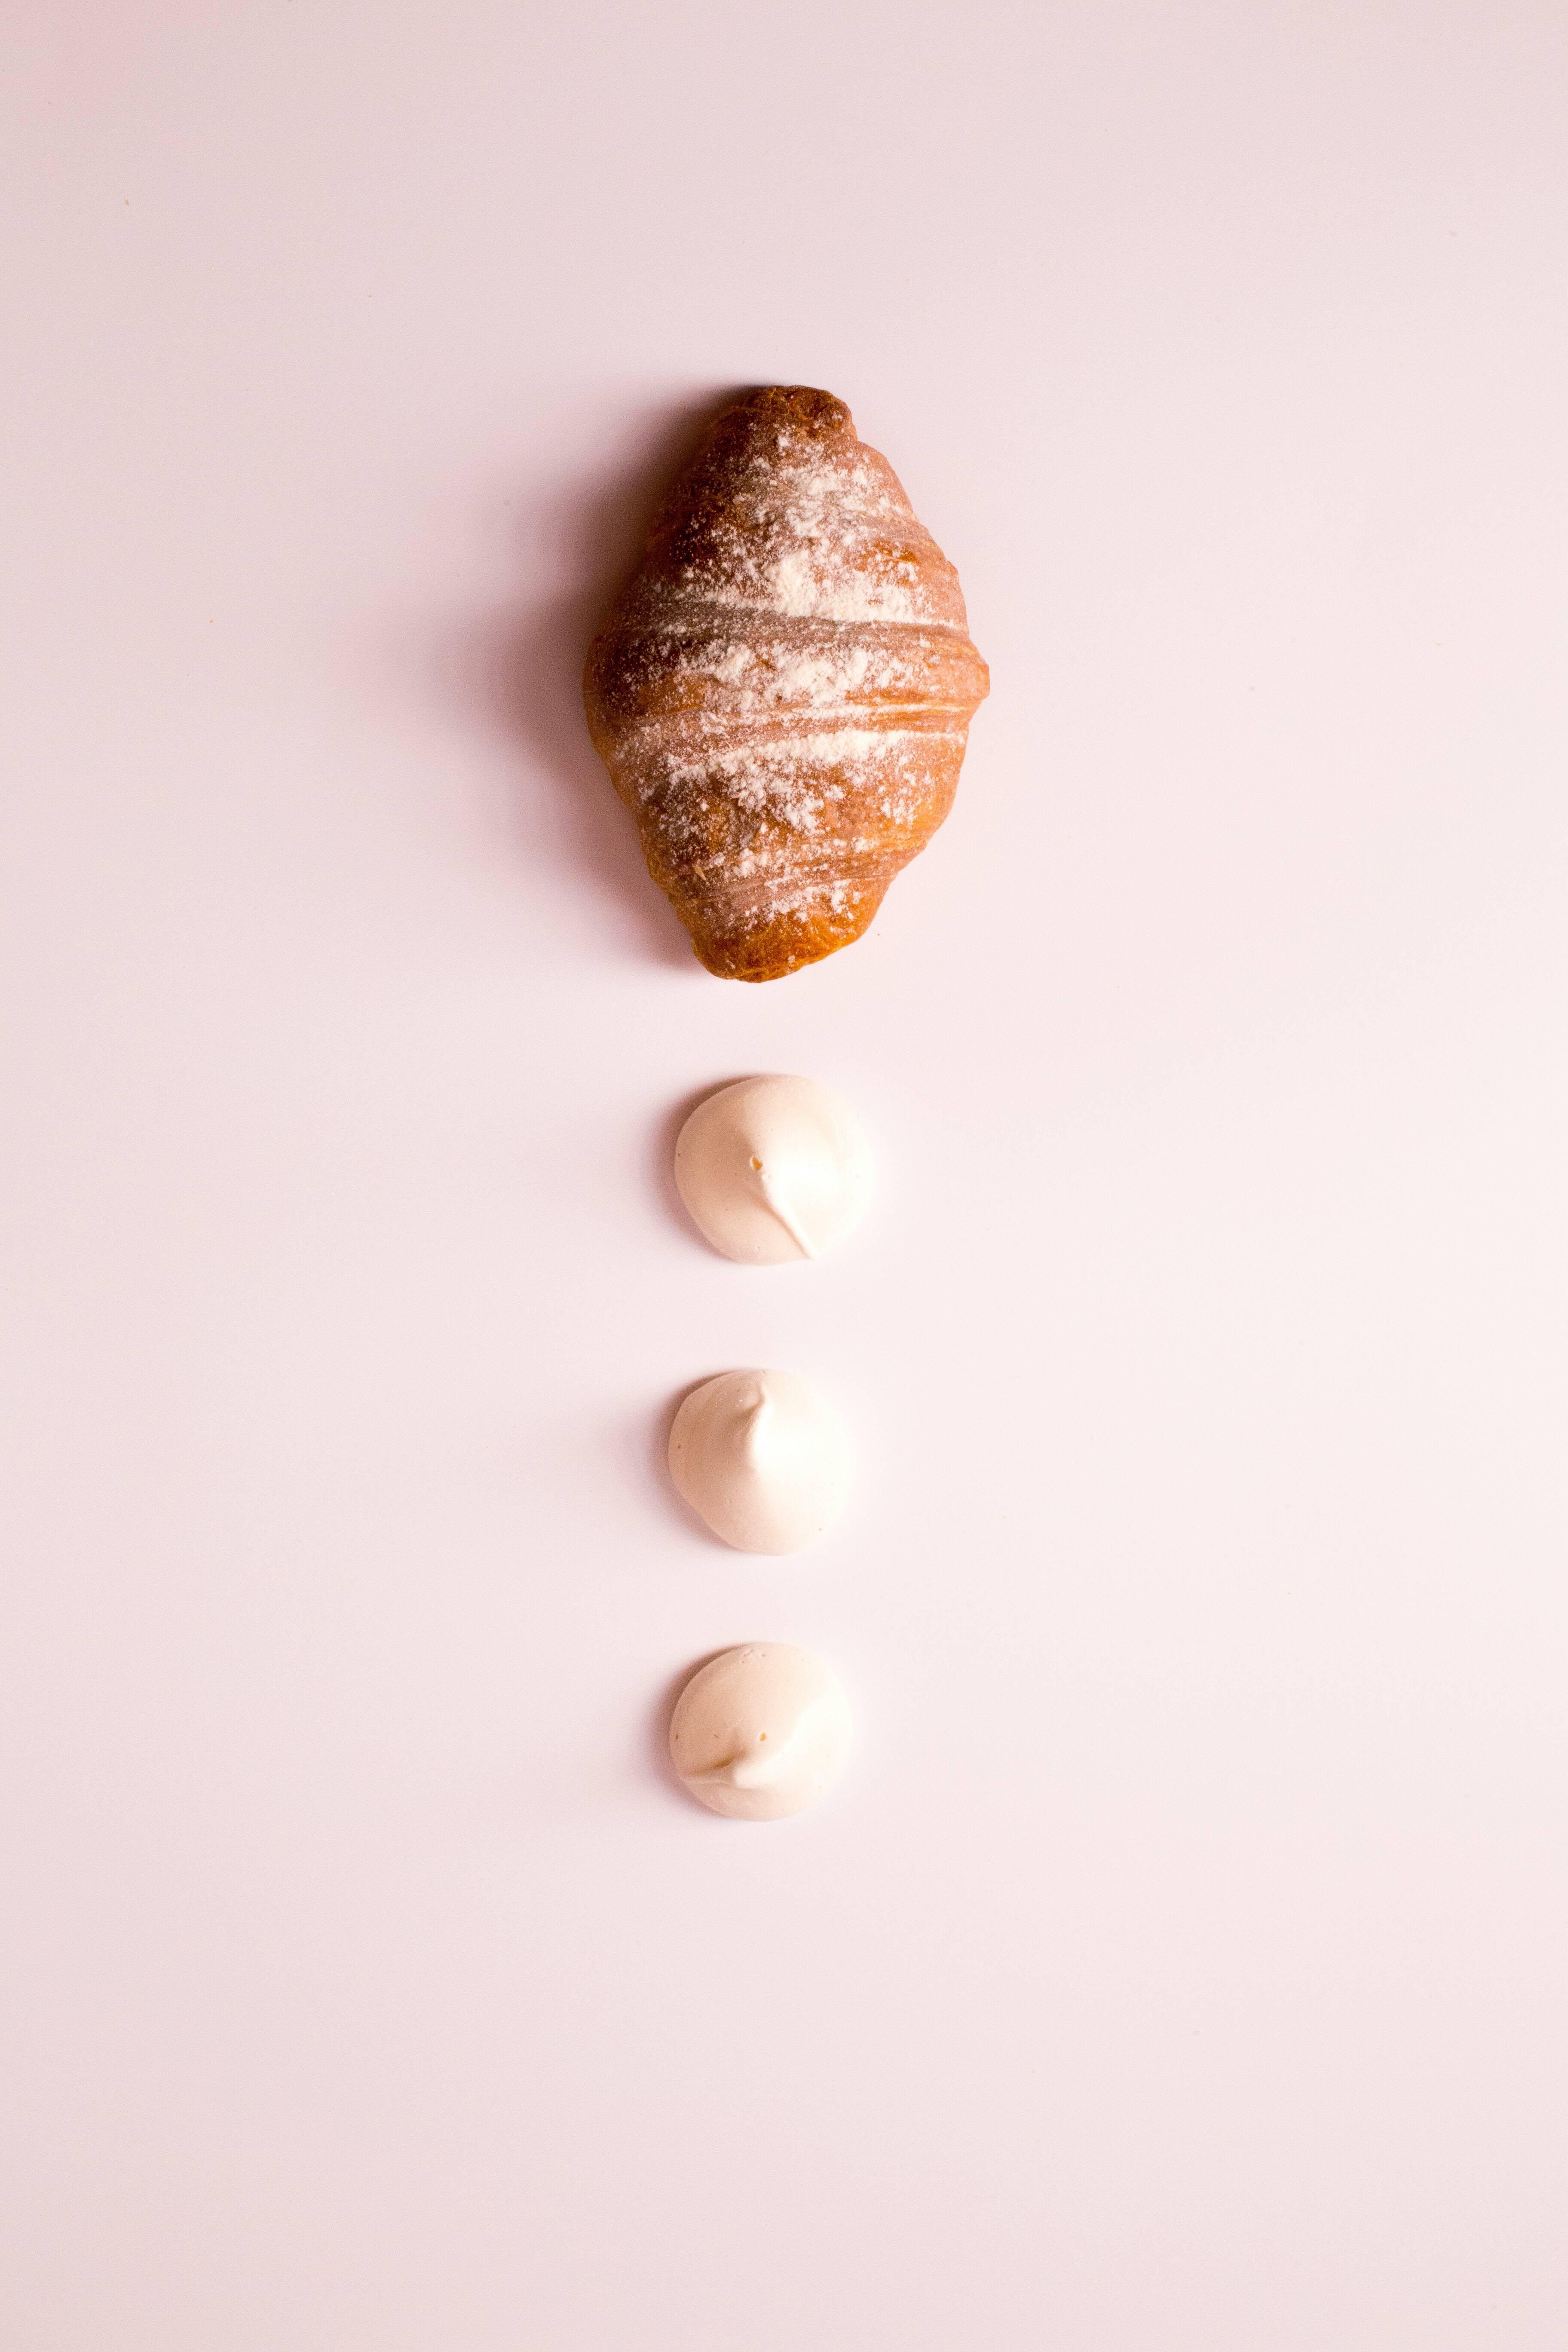 Uma folha de massa folhada; 16 onças de chocolate e um ovo (opcional). (Foto: Pexels)